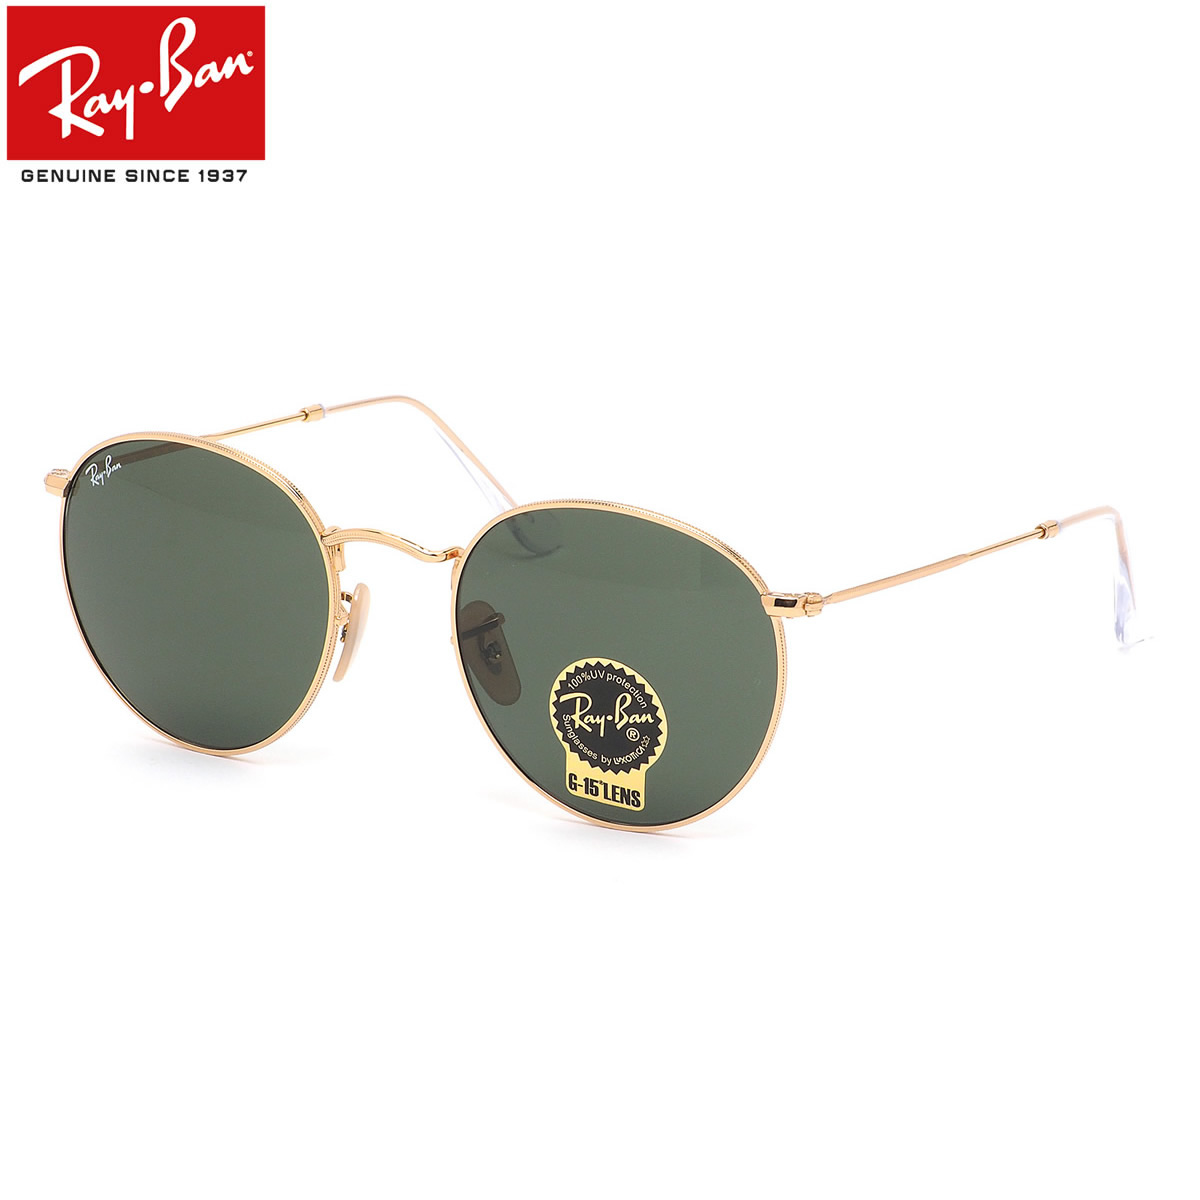 【10月30日からエントリーで全品ポイント20倍】レイバン サングラス ラウンドメタル Ray-Ban RB3447 001 53サイズレイバン RAYBAN ROUND METAL 丸メガネ ICONS アイコン メンズ レディース